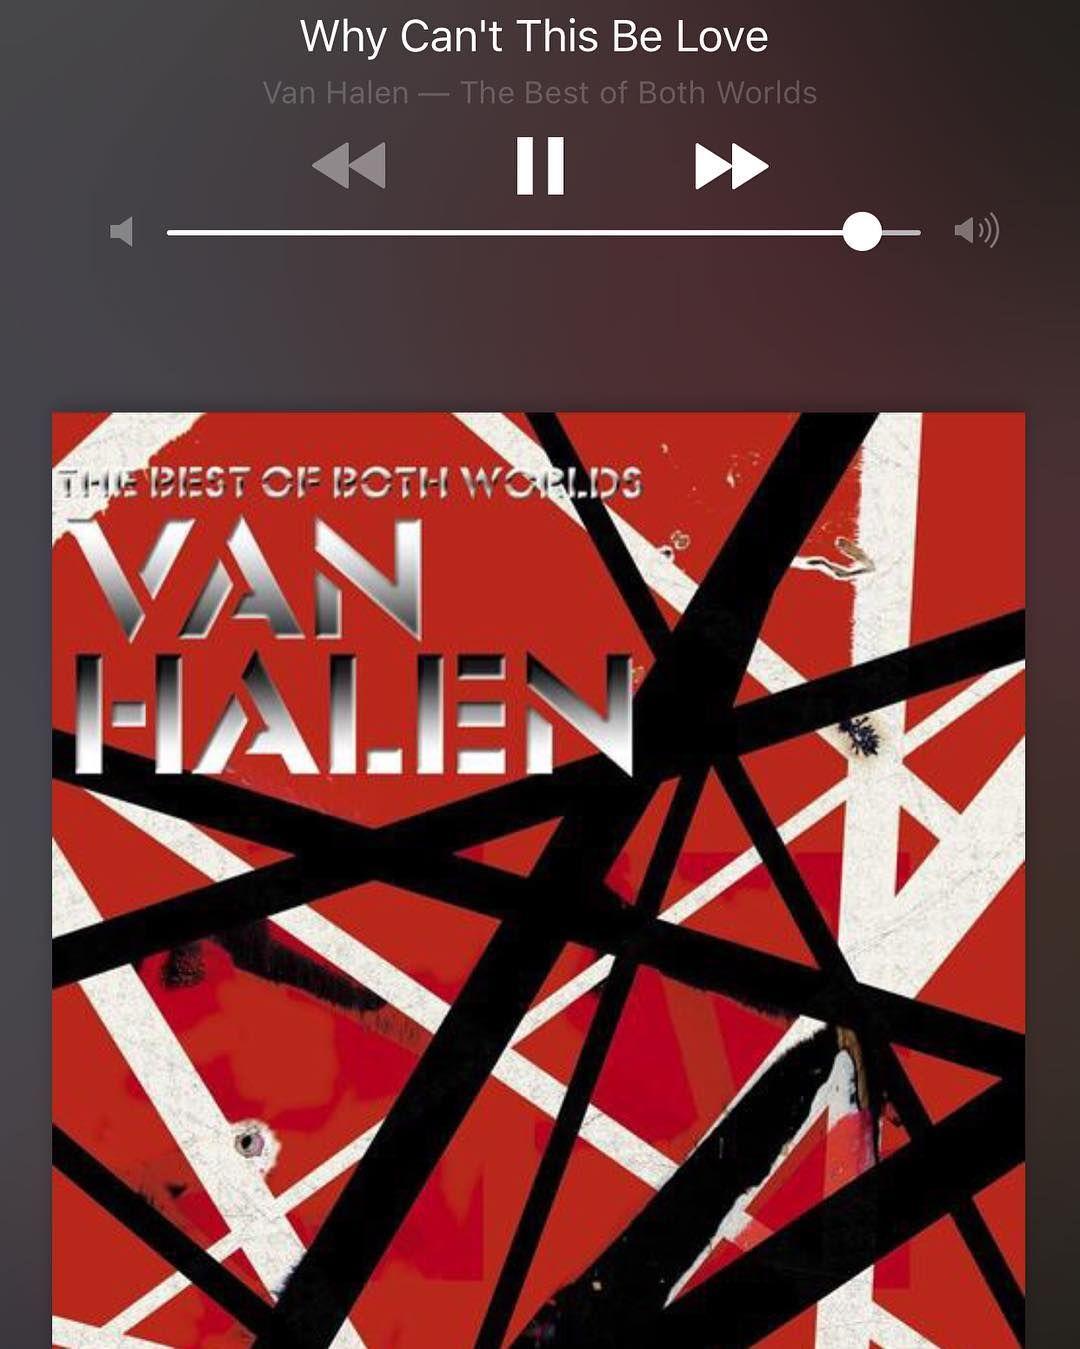 Instagram Photo By Erika May 17 2016 At 10 02pm Utc Van Halen Van Halen Album Covers Halen